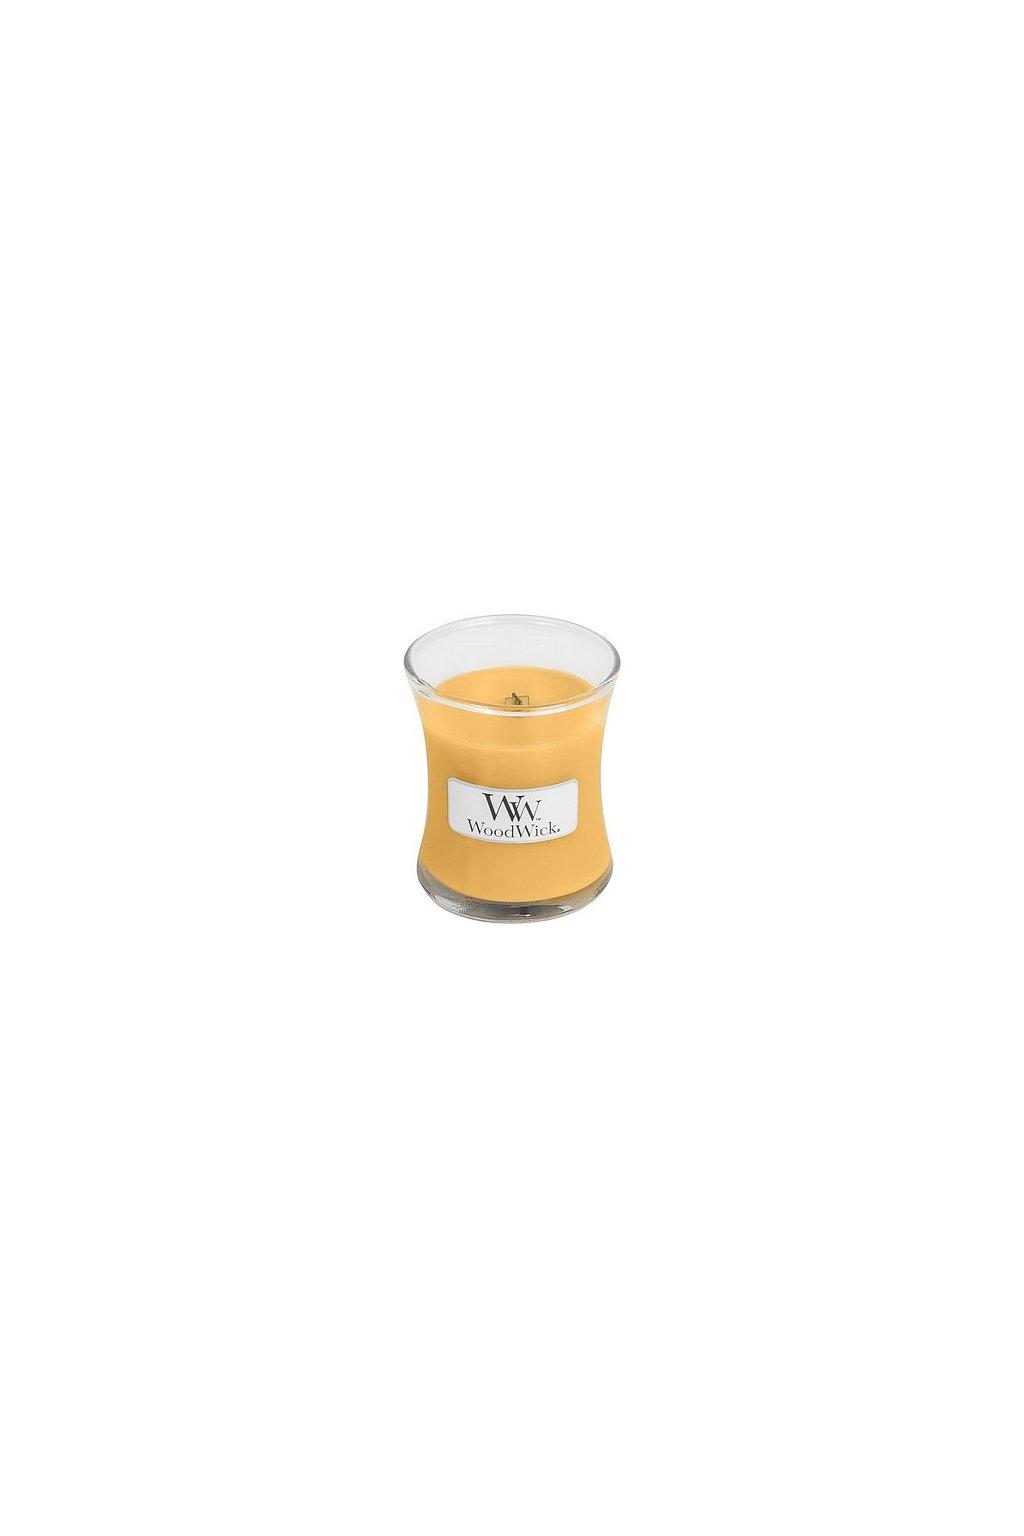 Woodwick Oat Flower svíčka malá 85g